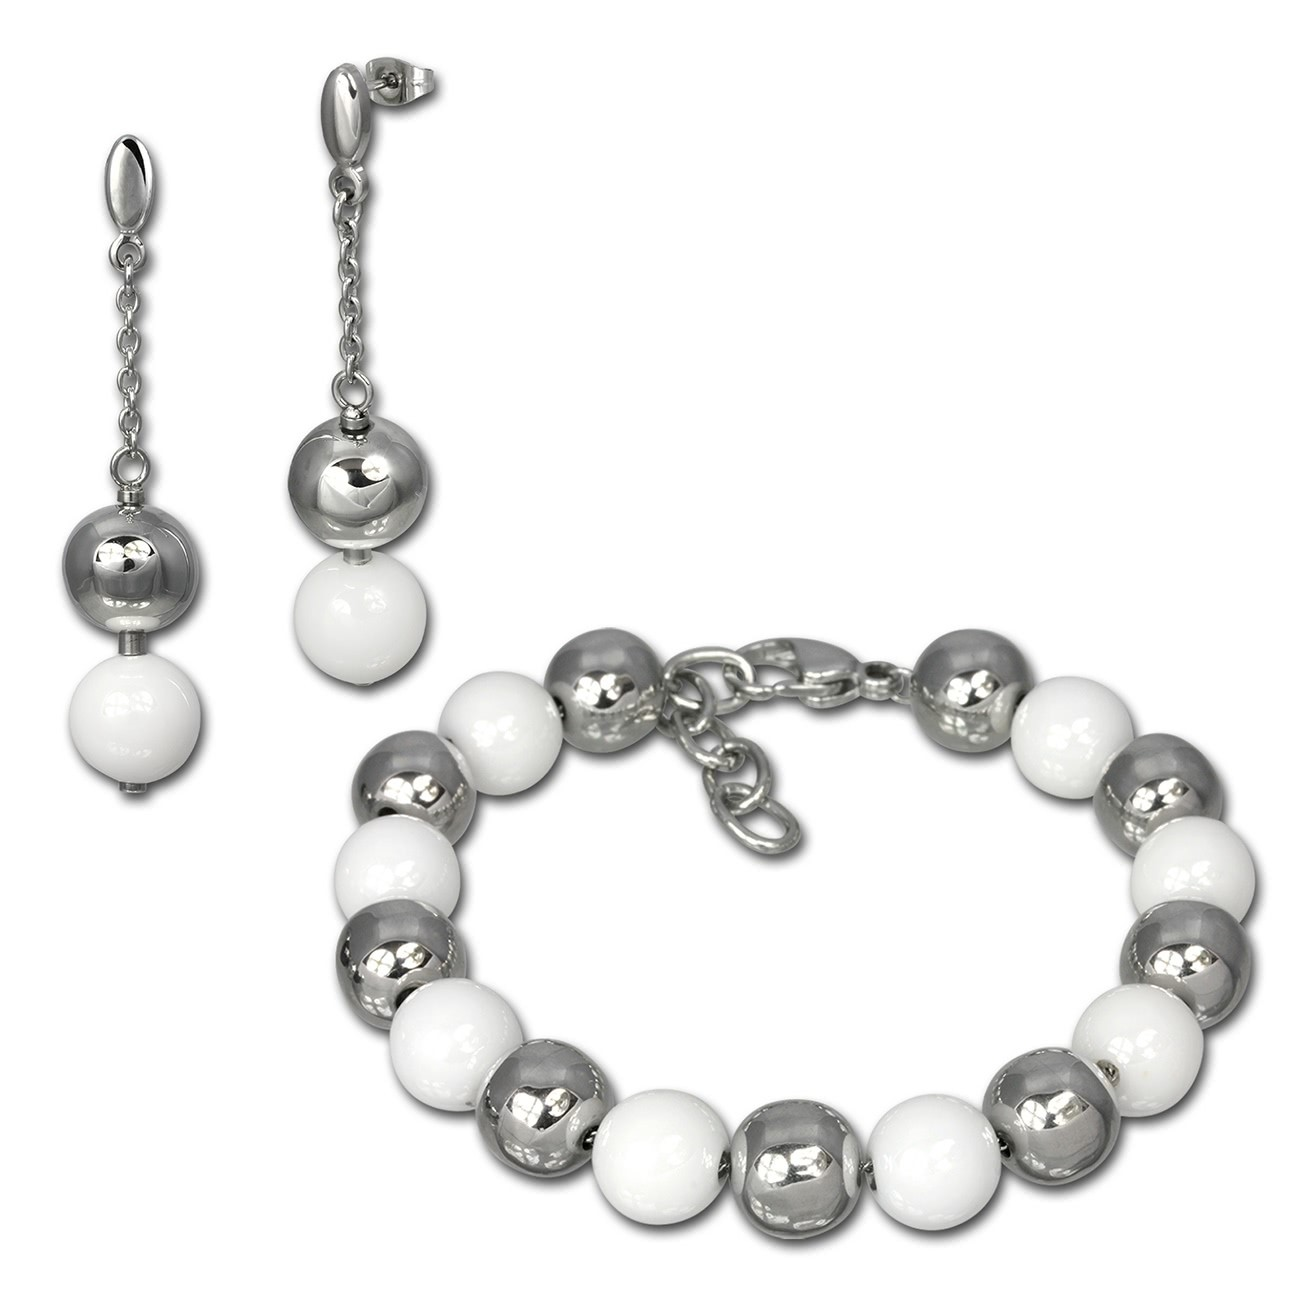 Amello Edelstahlschmuckset Keramik Kugel Armband, Ohrring ESSX12W